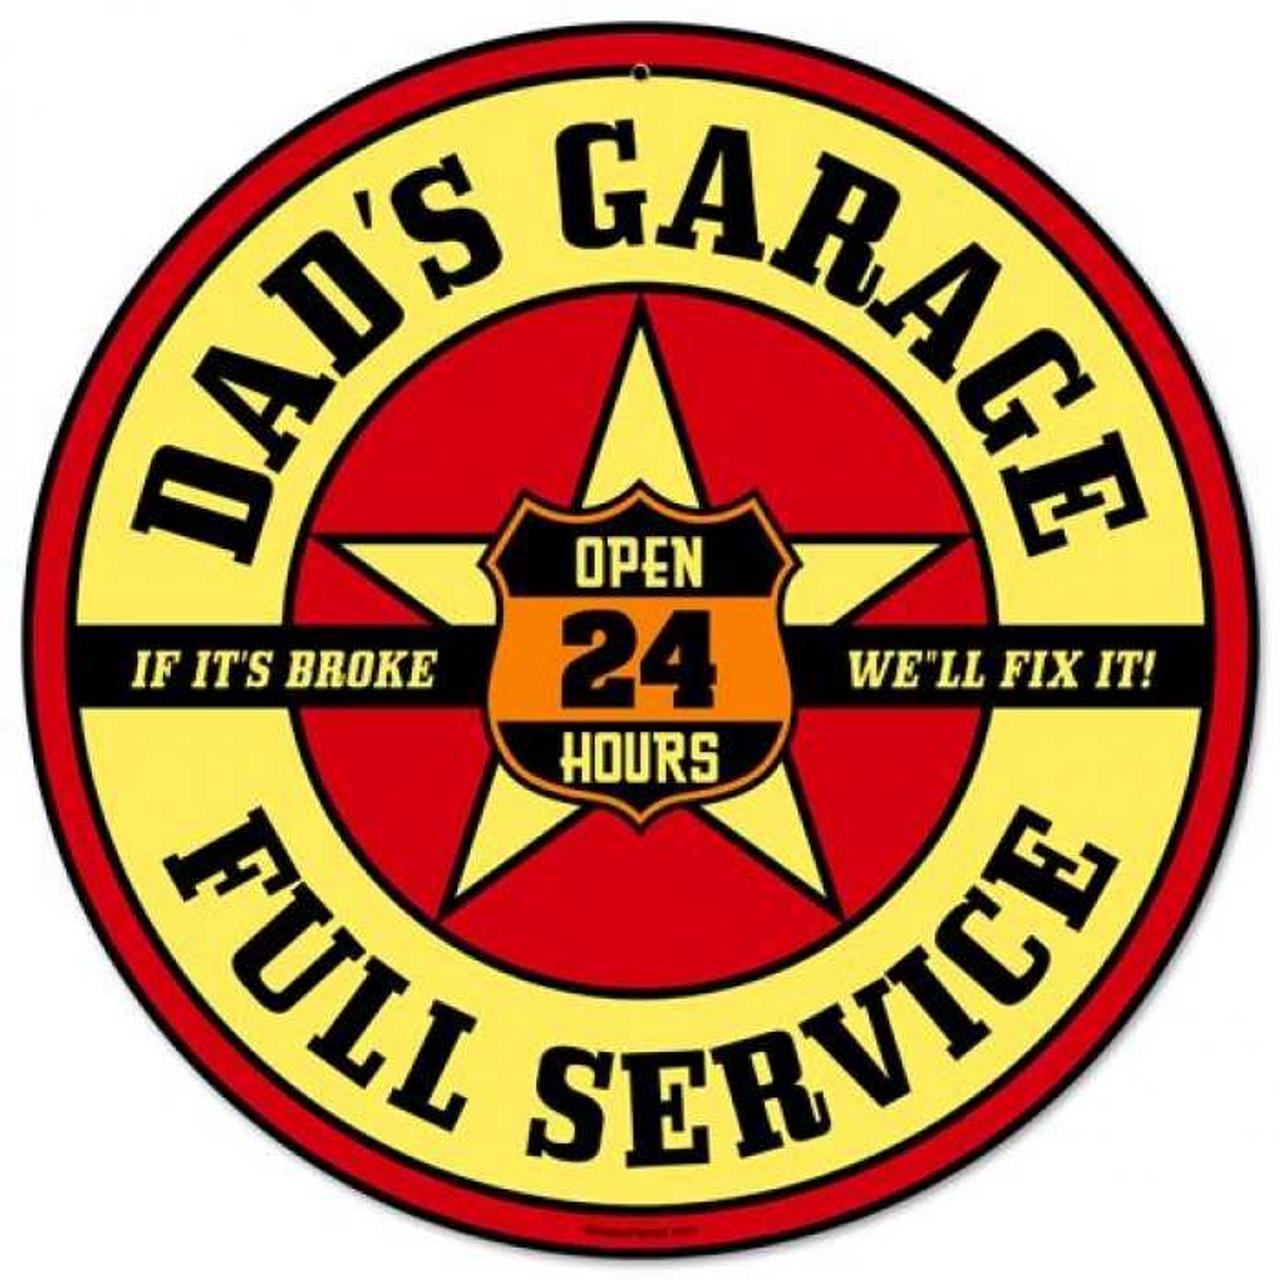 Retro Dads Garage Round Tin Sign 14 x 14 Inches